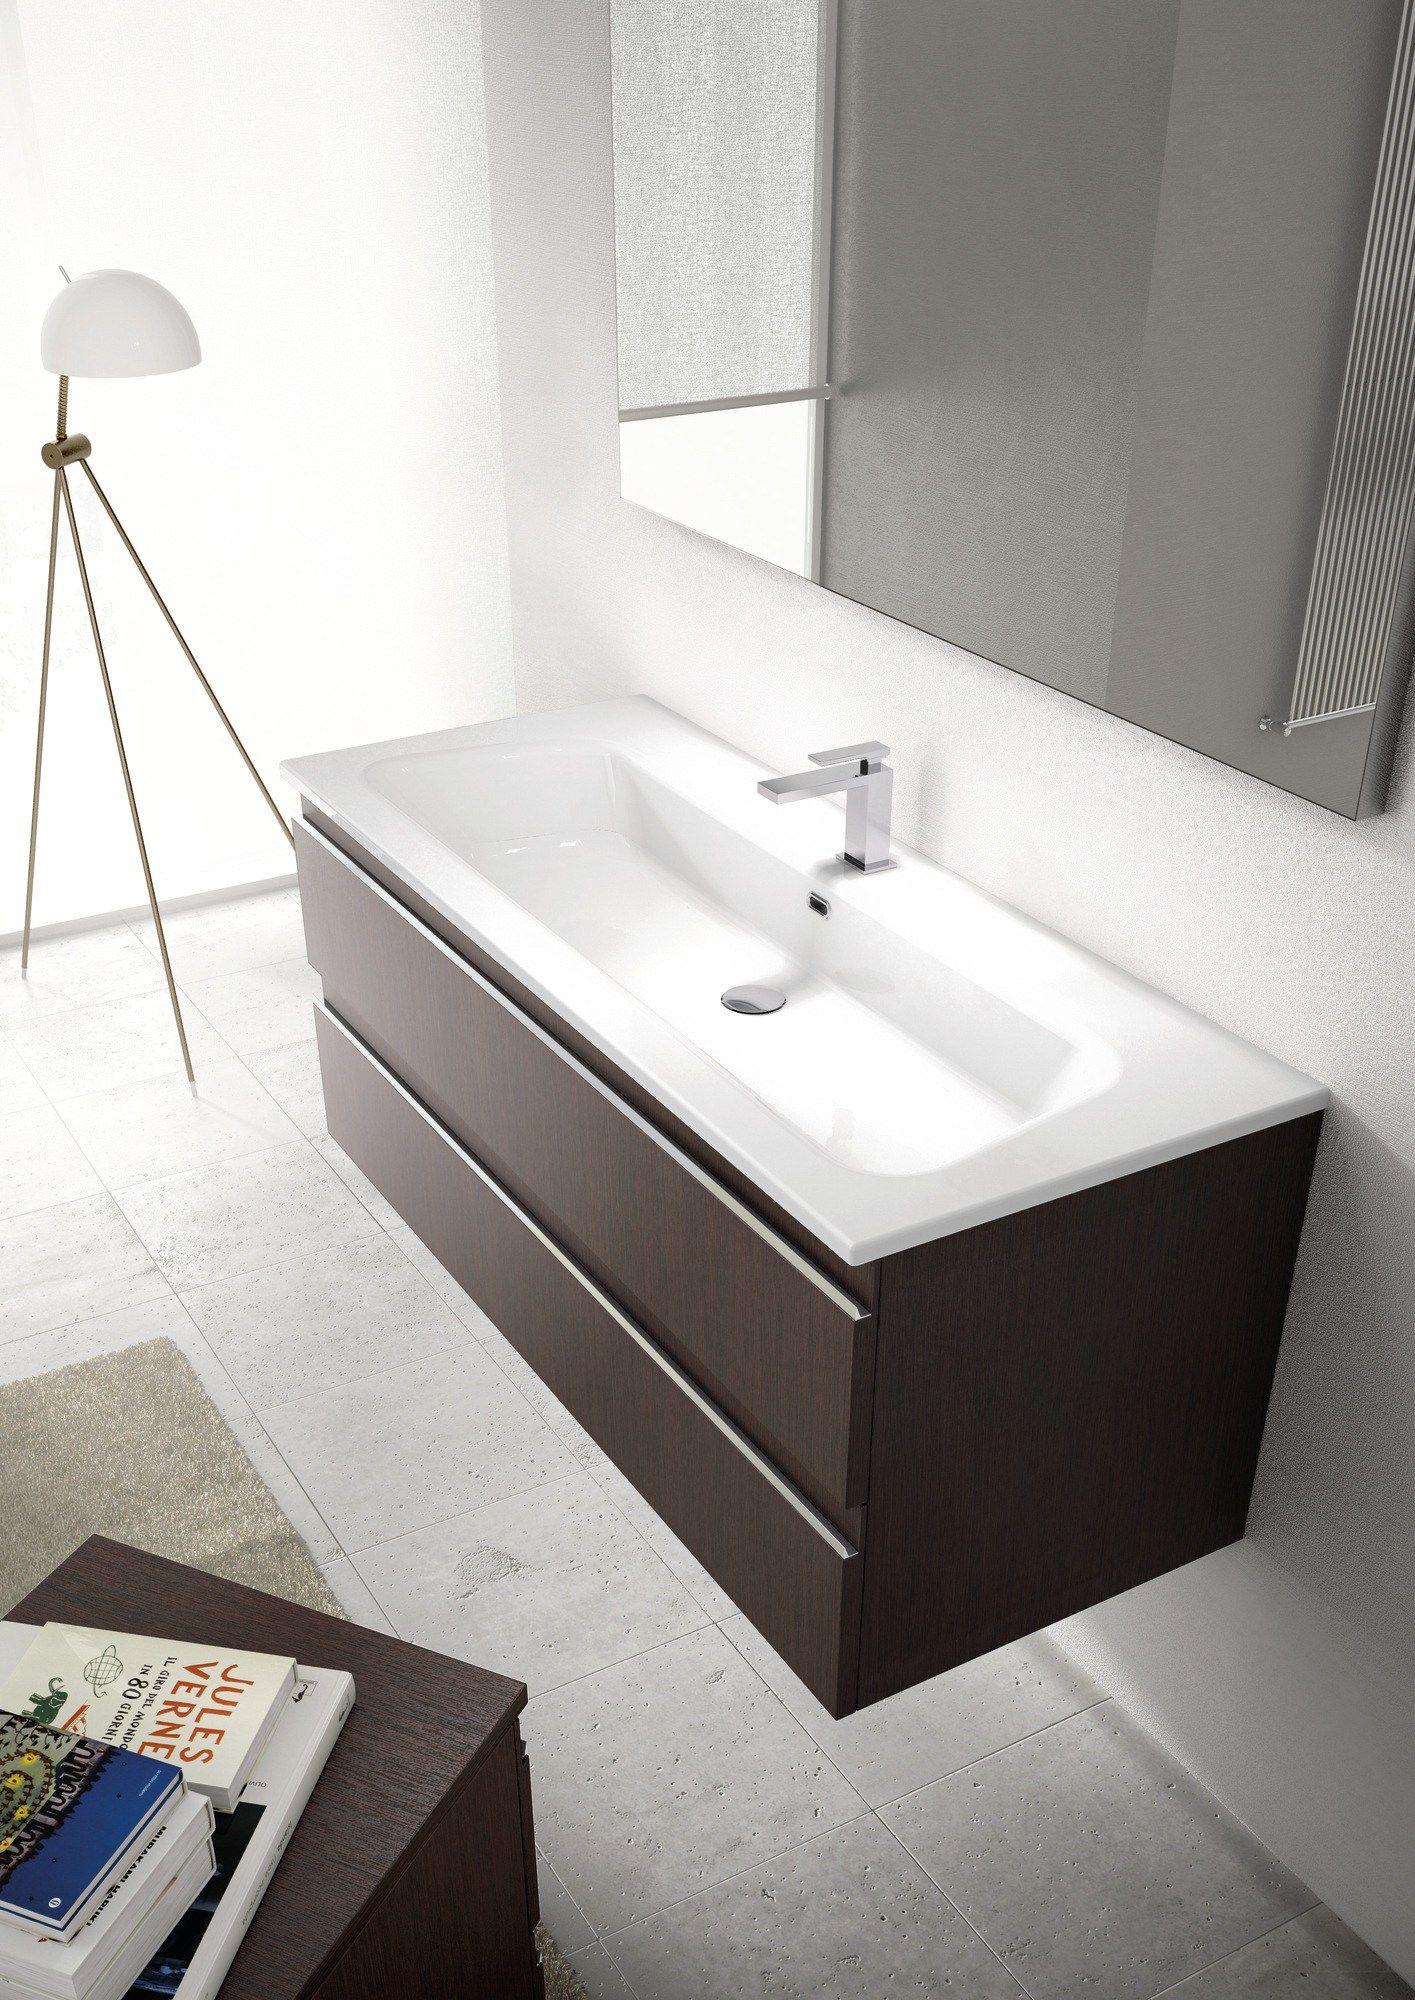 arredo bagno completo mistral comp 06 by idea - Prezzi Arredo Bagno Completo